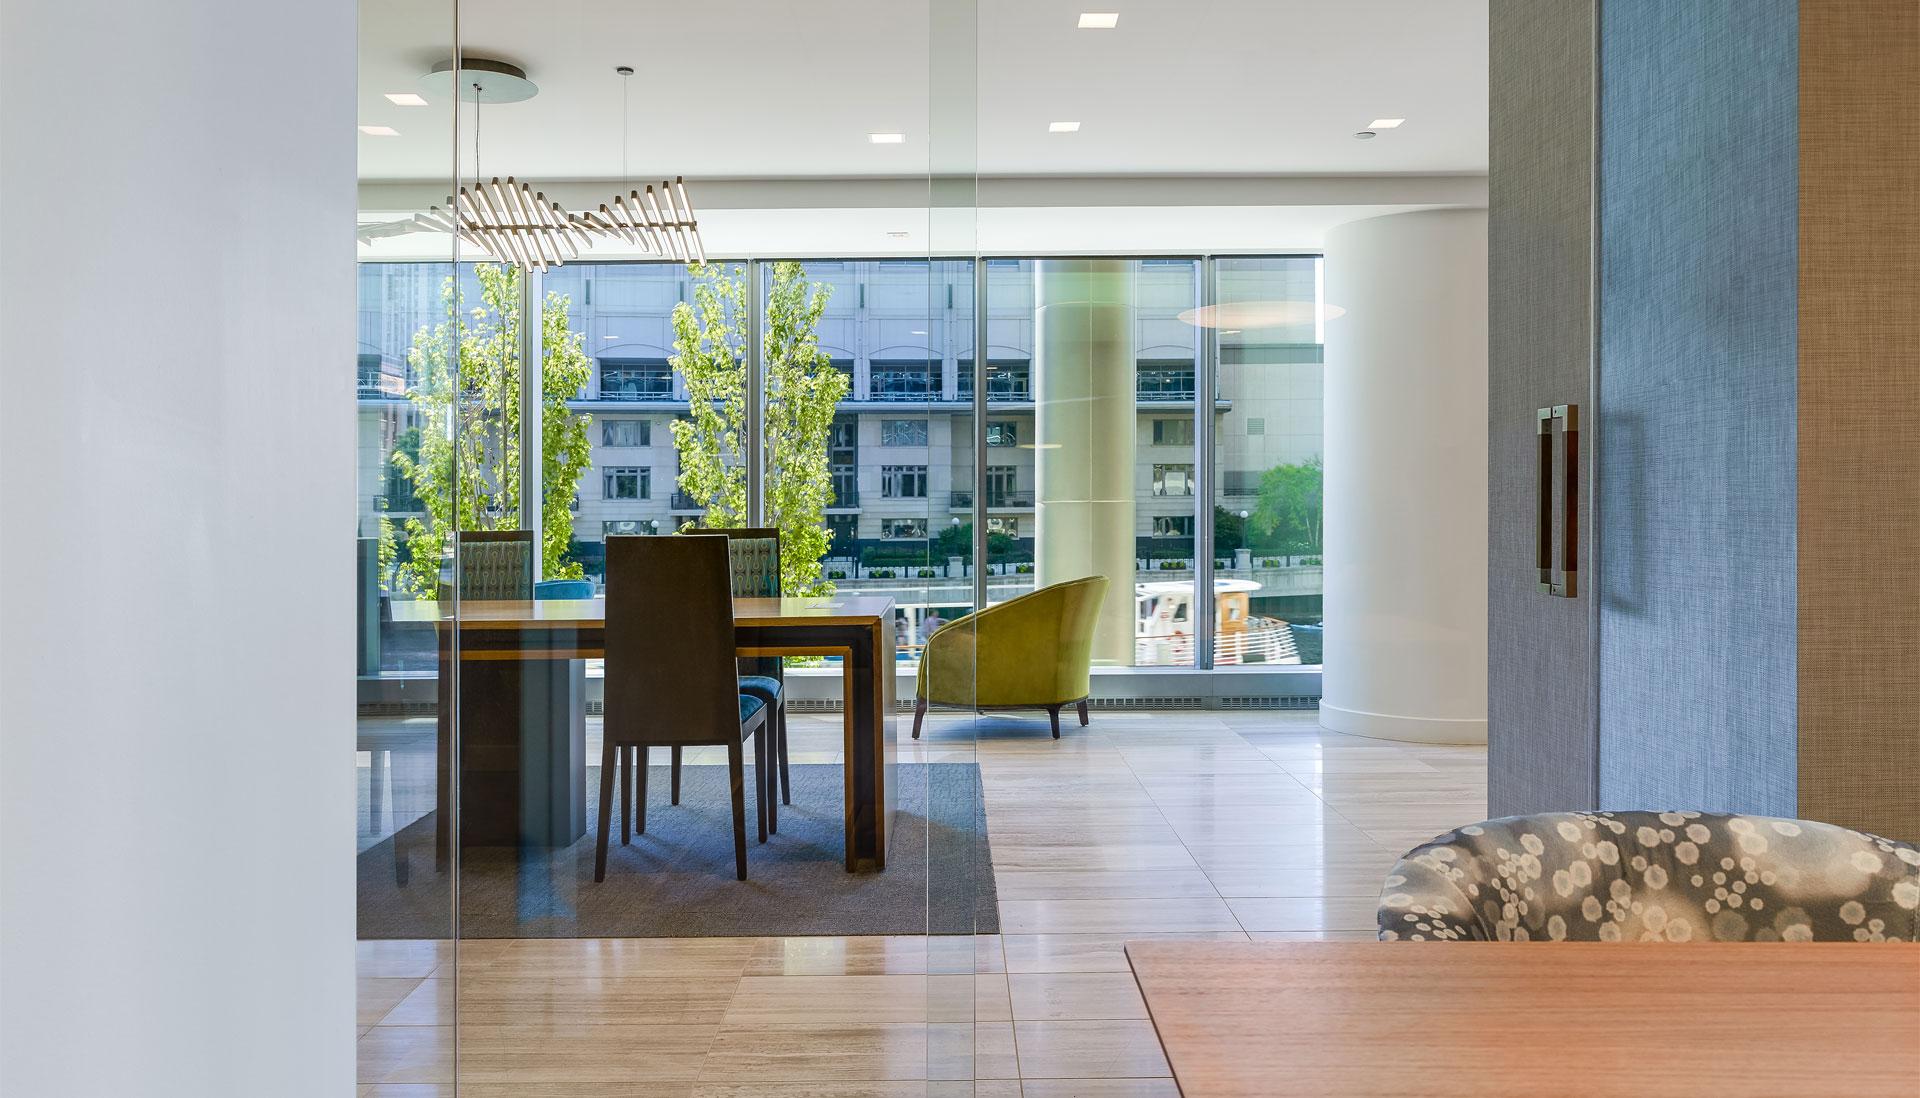 Interiors - bKL Architecture